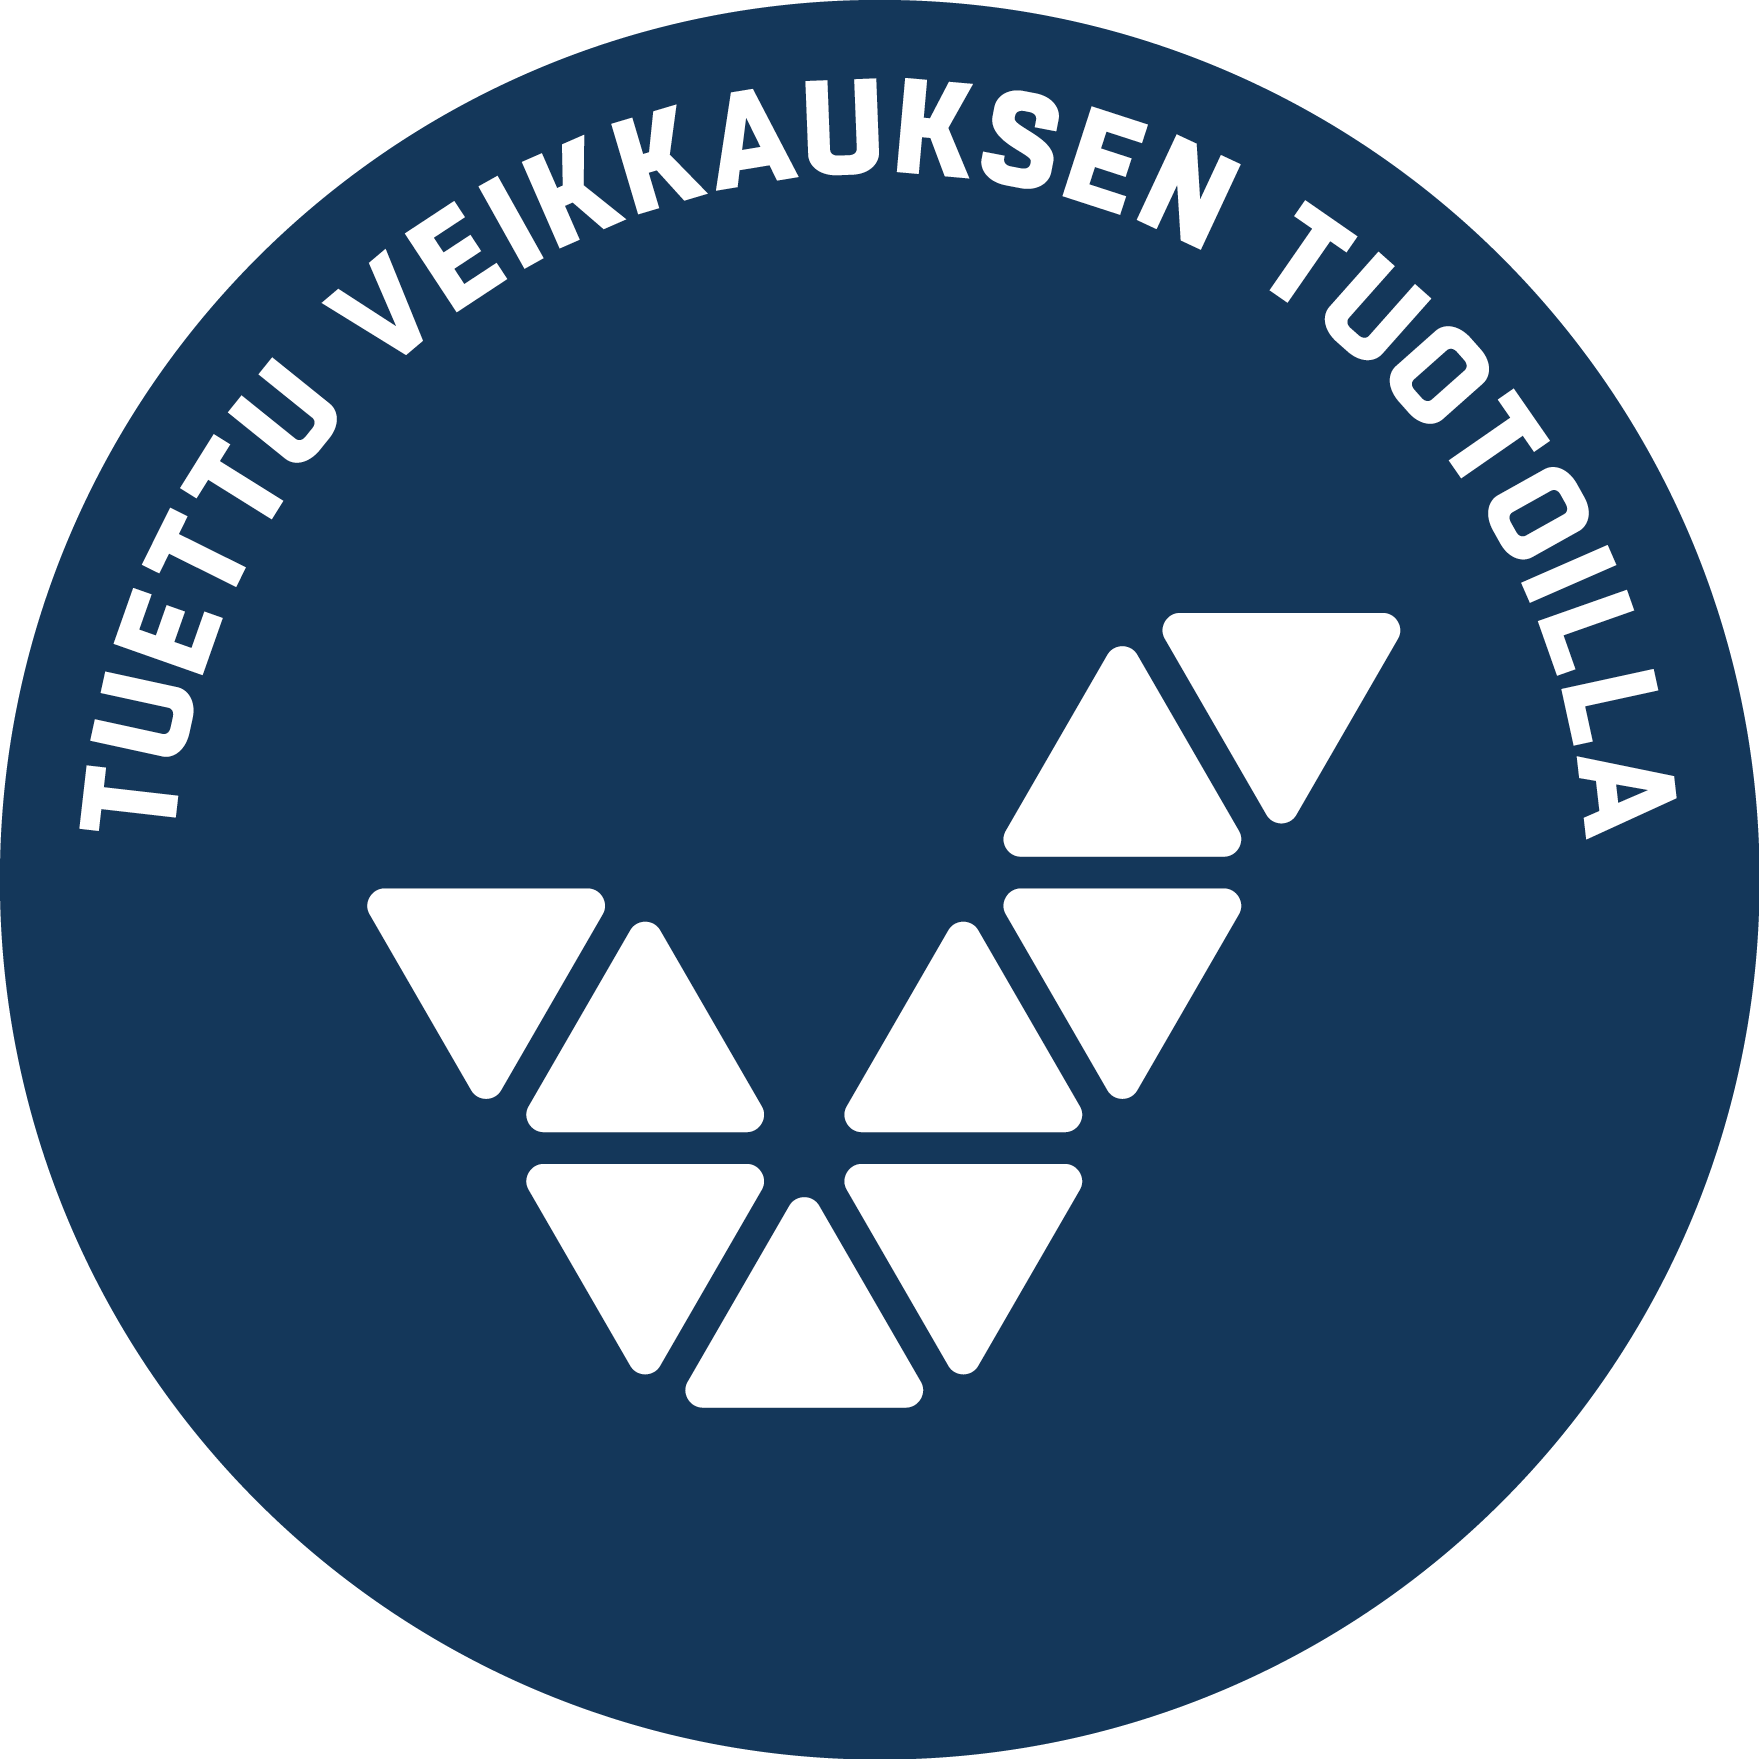 Tuettu Veikkauksen tuotoilla, logo.